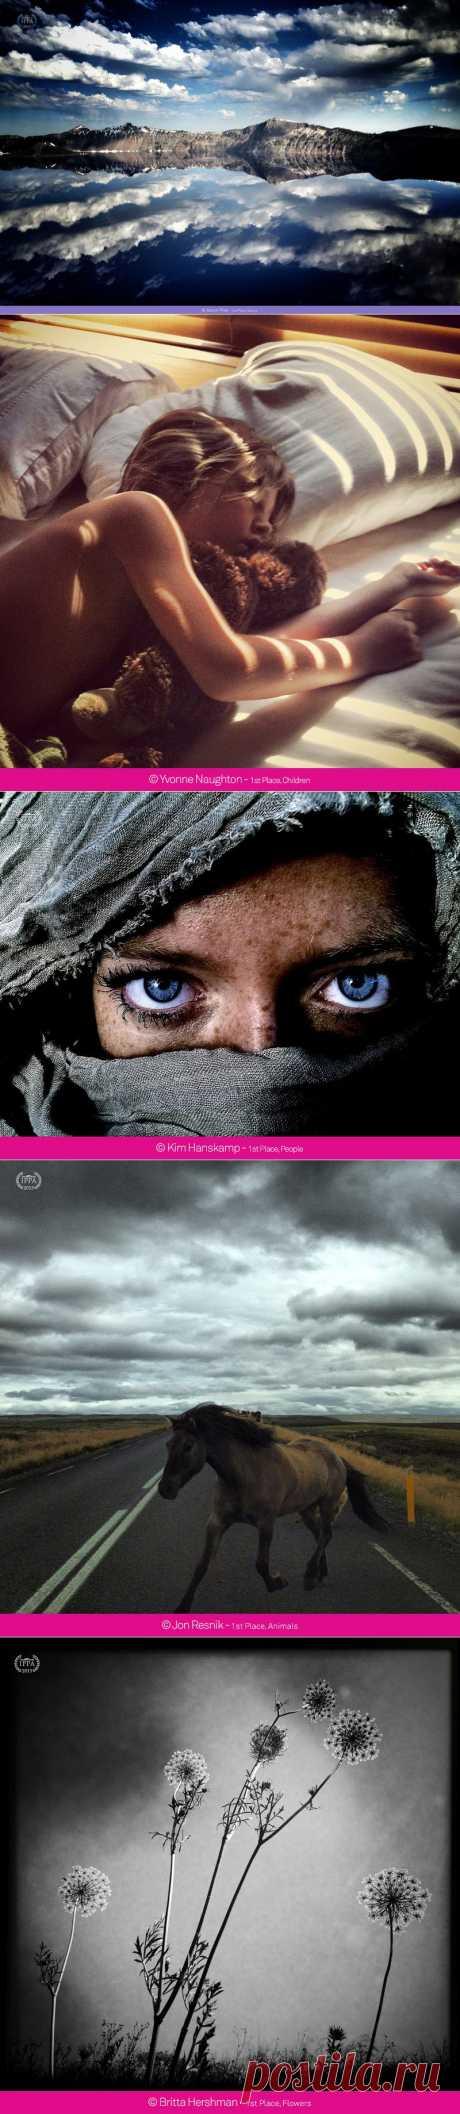 iPhone Photography Awards 2013 : НОВОСТИ В ФОТОГРАФИЯХ